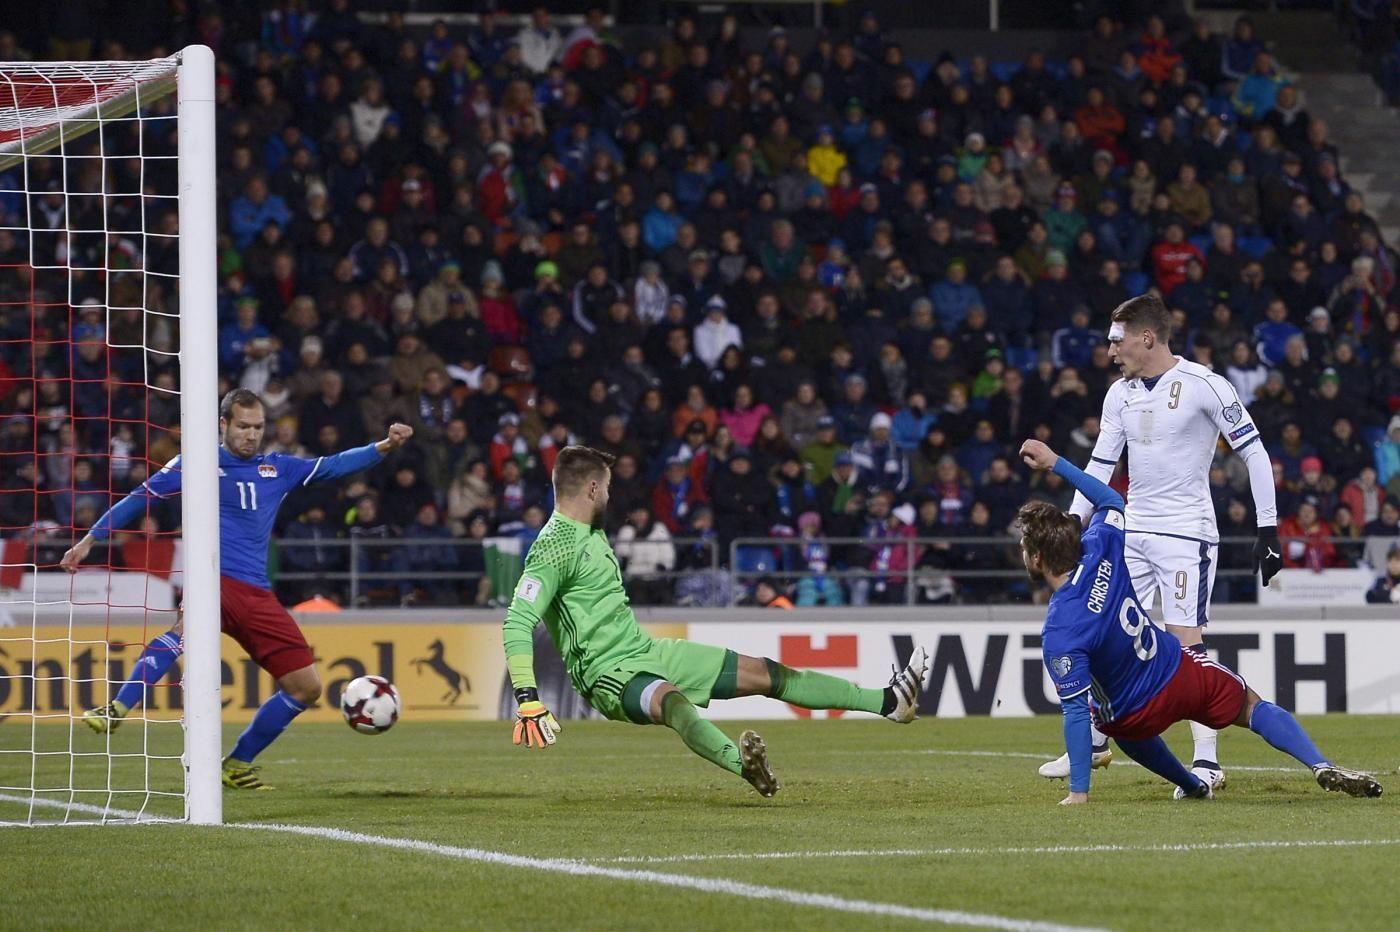 Spagna Italia: probabili formazioni, dove vedere la partita in TV e in streaming